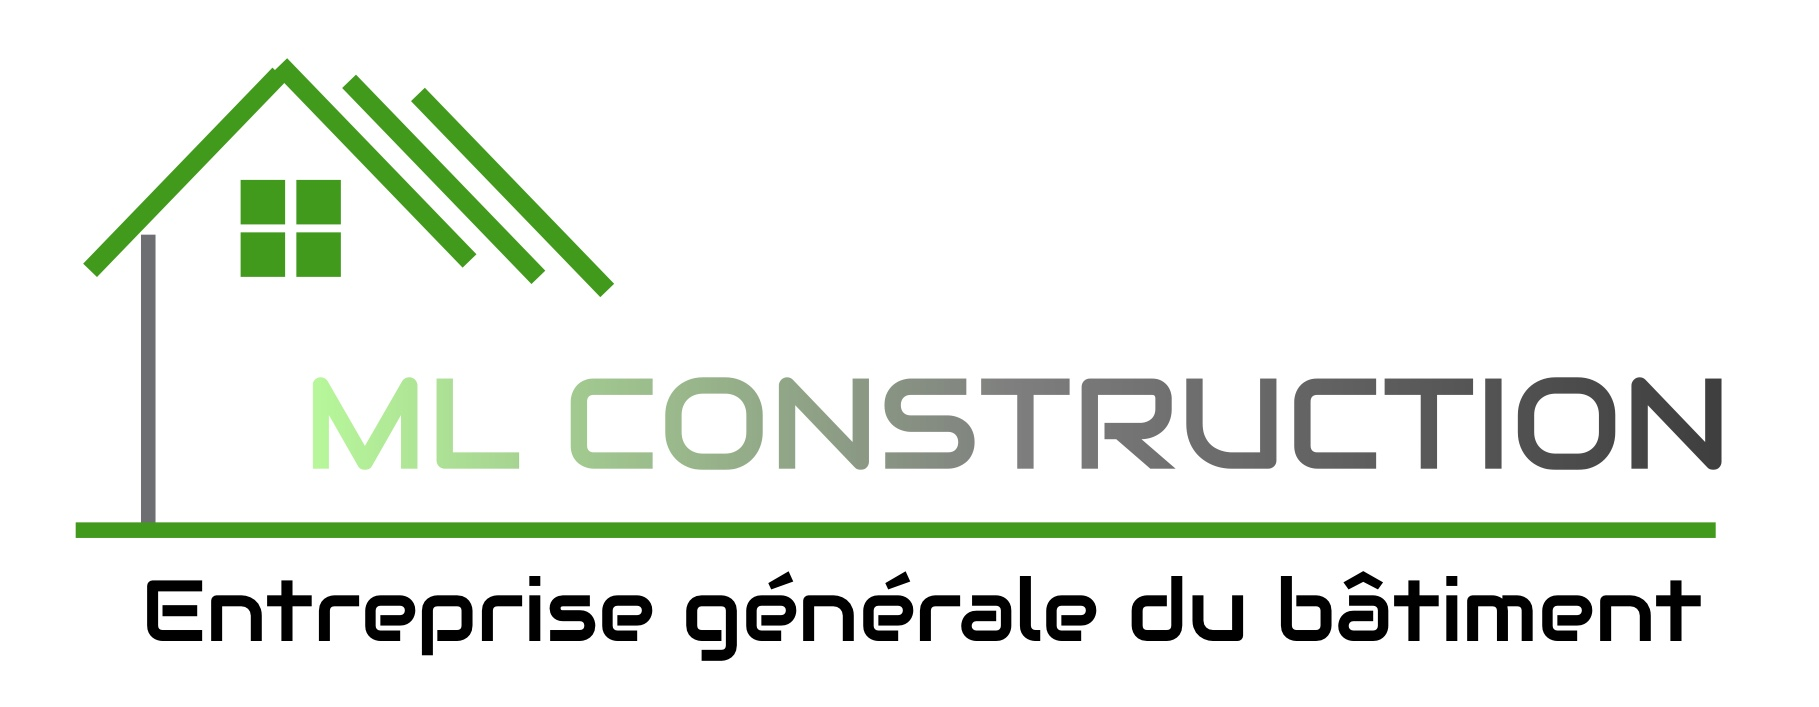 Logo de ML CONSTRUCTION, société de travaux en Fourniture et installation d'une fenêtre de toit